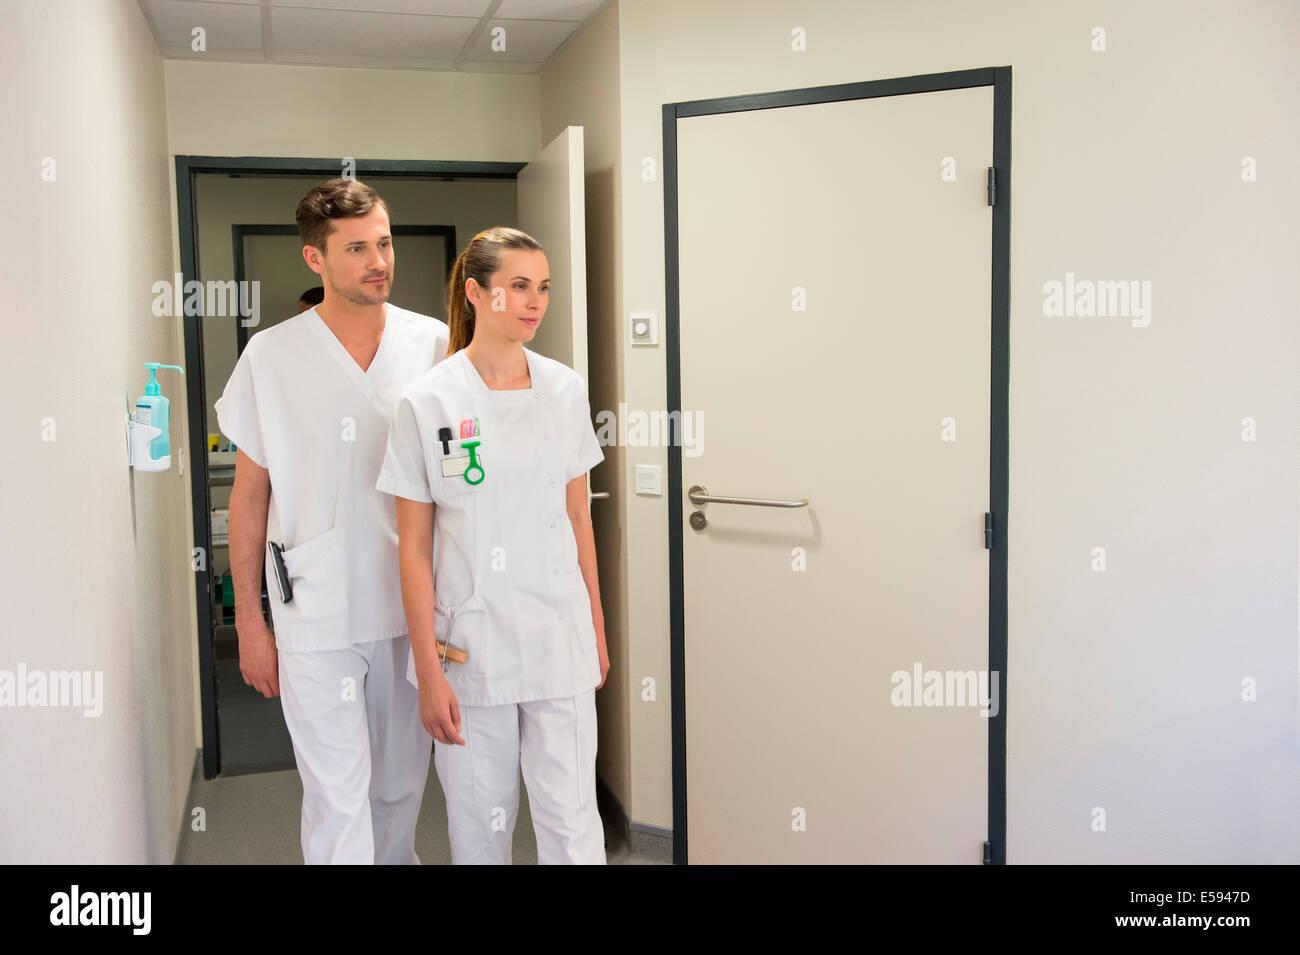 Arzt und Krankenschwester in einem Krankenhausflur Stockbild